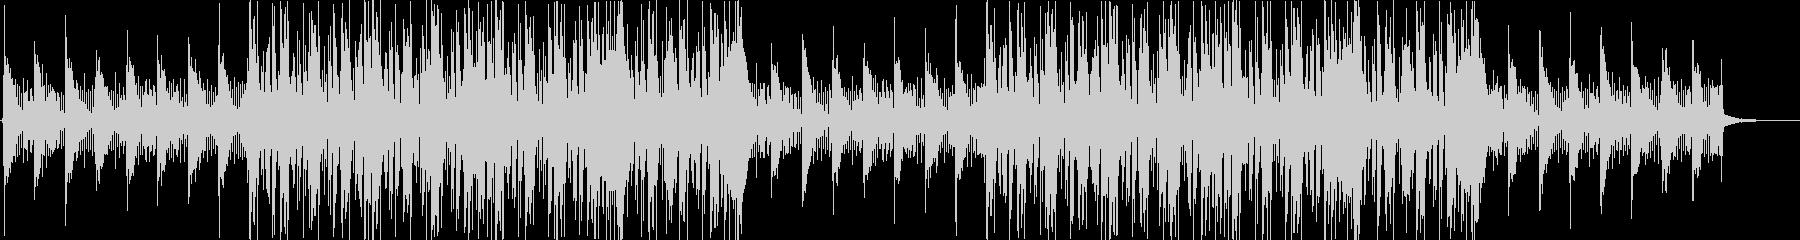 [生ギター]疑惑のミステリーロックの未再生の波形